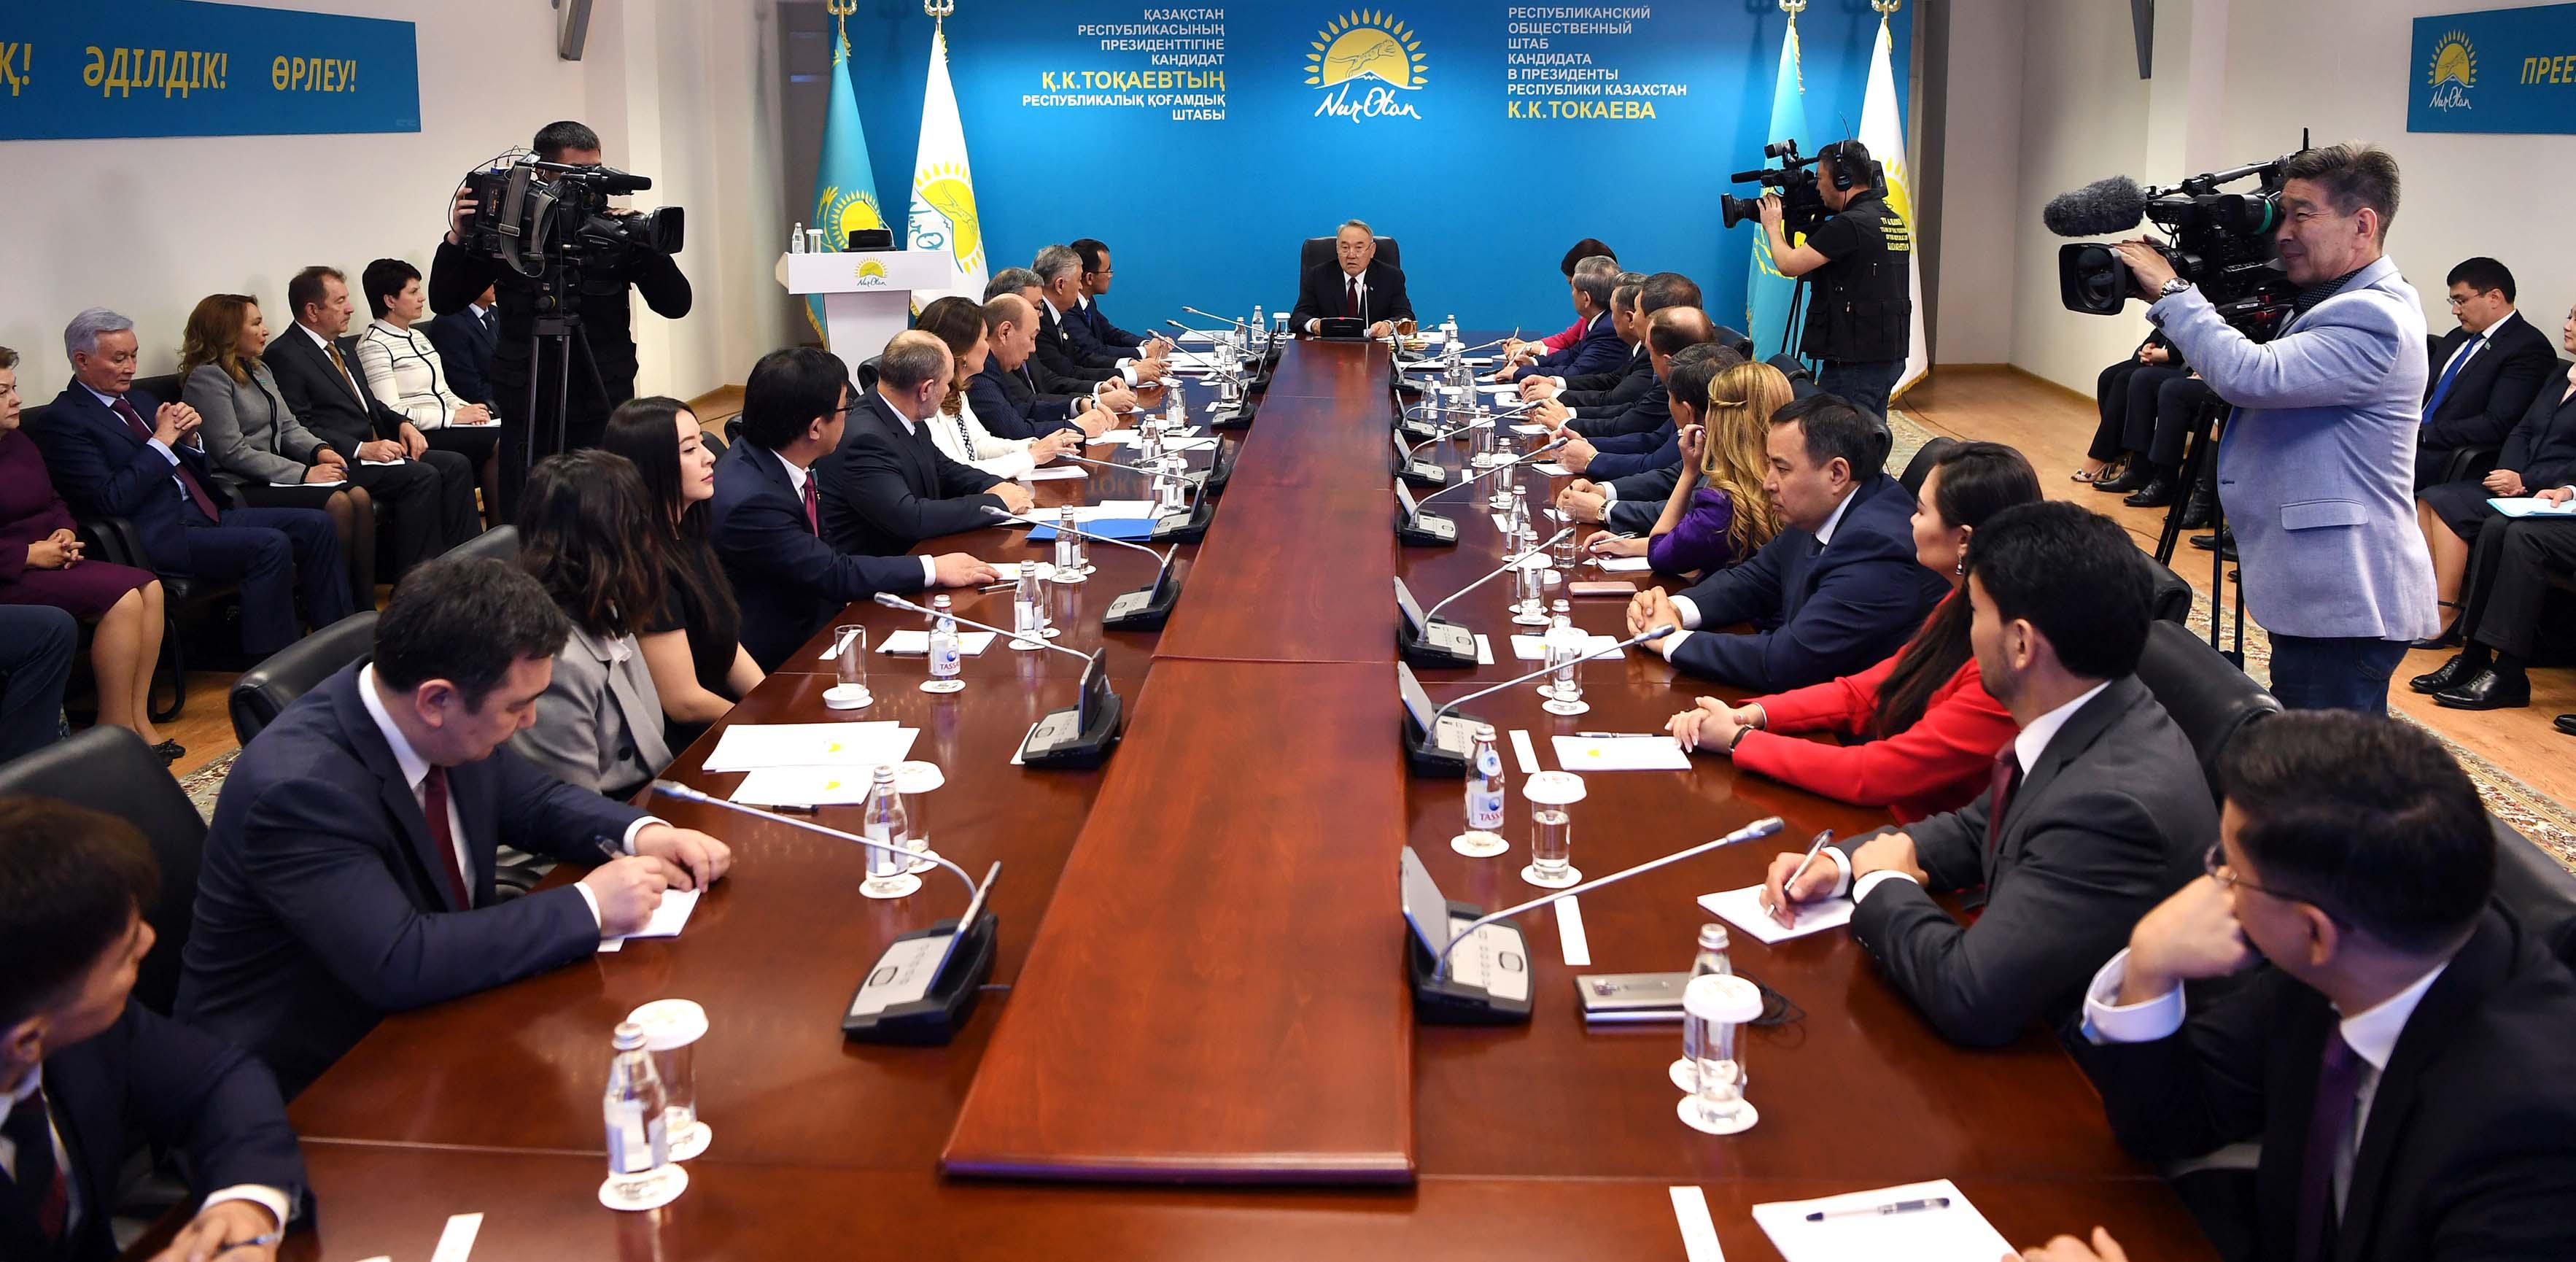 Қазақстанда жұмыссыздық емес, кәсіптің тапшылығы бар – Назарбаев